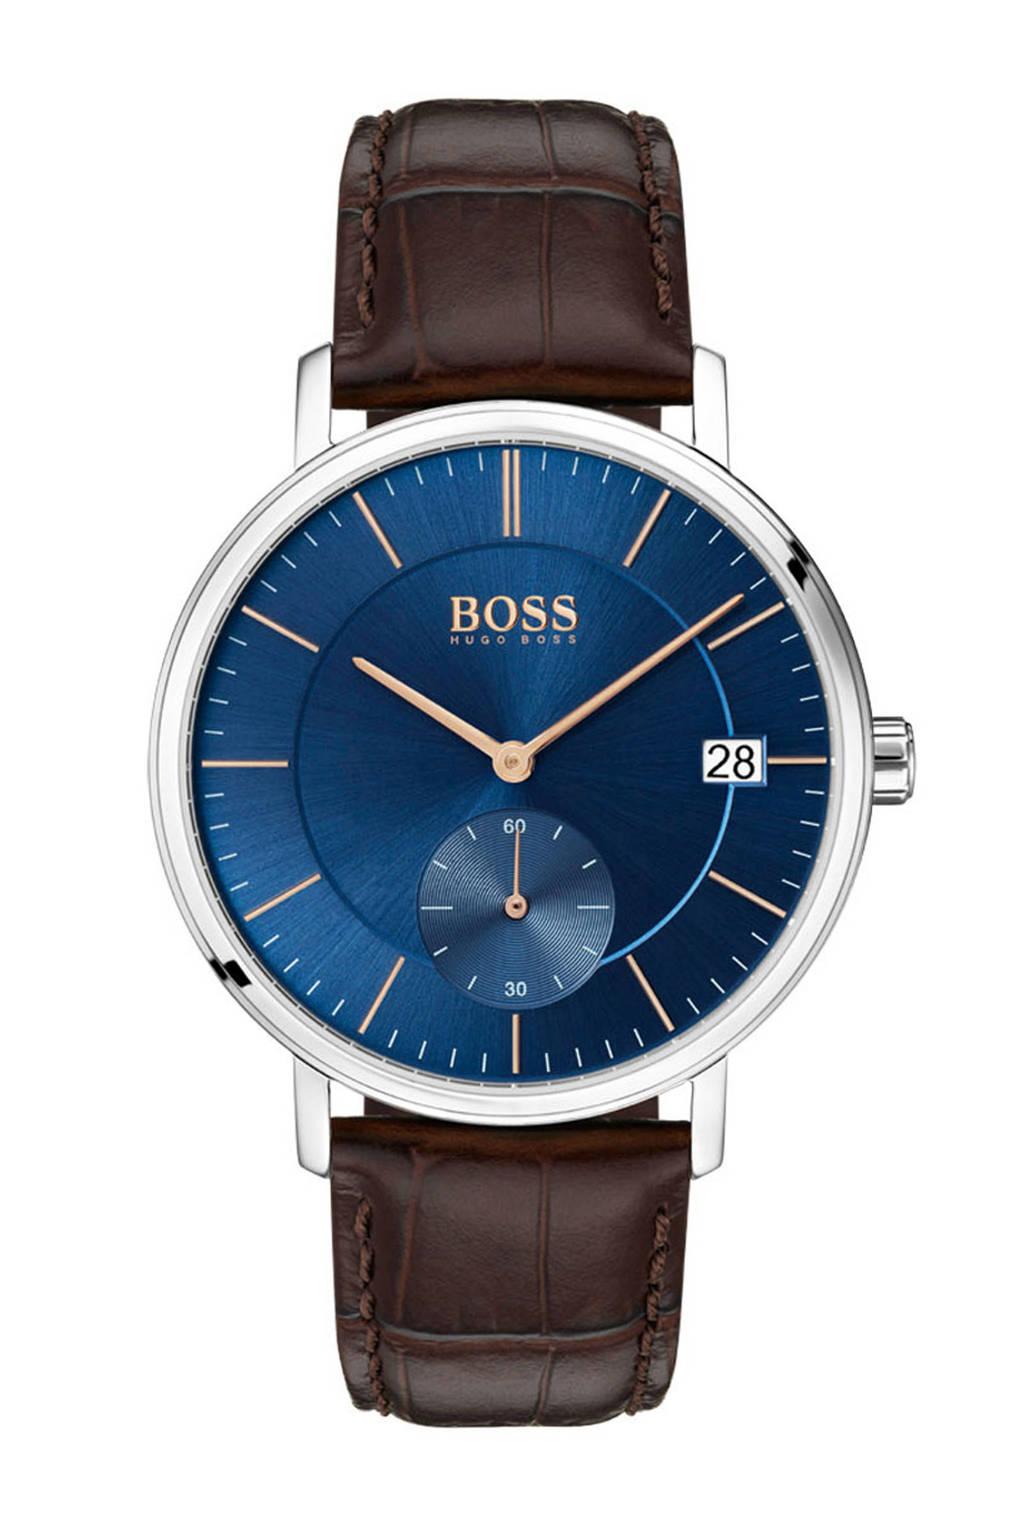 BOSS Corporal horloge HB1513639, Bruin